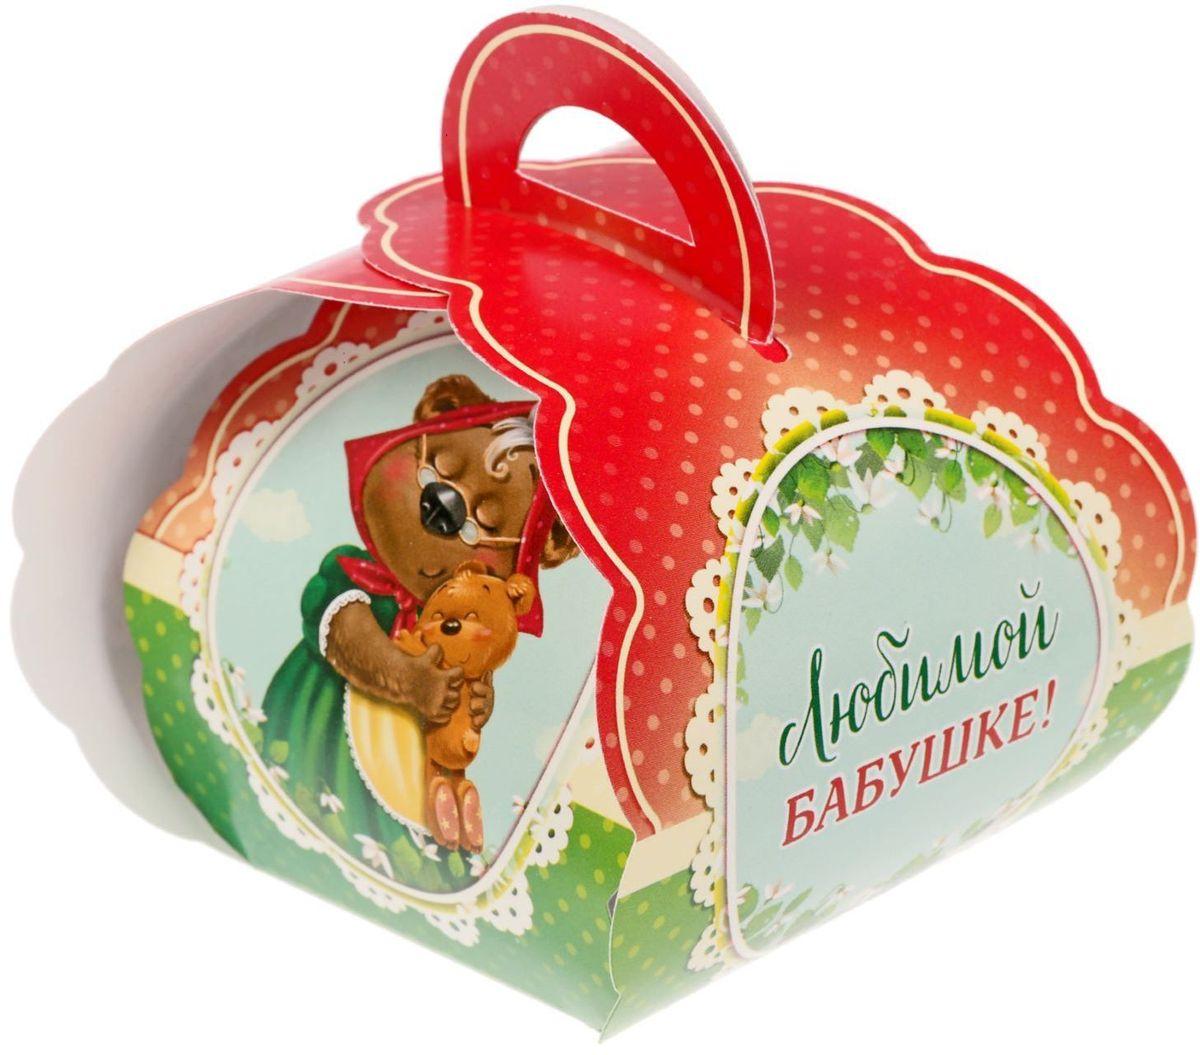 Коробочка для яйца - новое веяние в мире подарочной упаковки. Представьте, как здорово будет преподнести родным и близким подарки в таком оформлении. Душевный дизайн в народном стиле и пасхальные символы никого не оставят равнодушным. Коробочка легка в использовании. Согните её по линиям и положите внутрь заготовленный презент.  Благодаря удобной ручке изделие удобно переносить. Размер заготовки: 13,4 х 26,2 см.